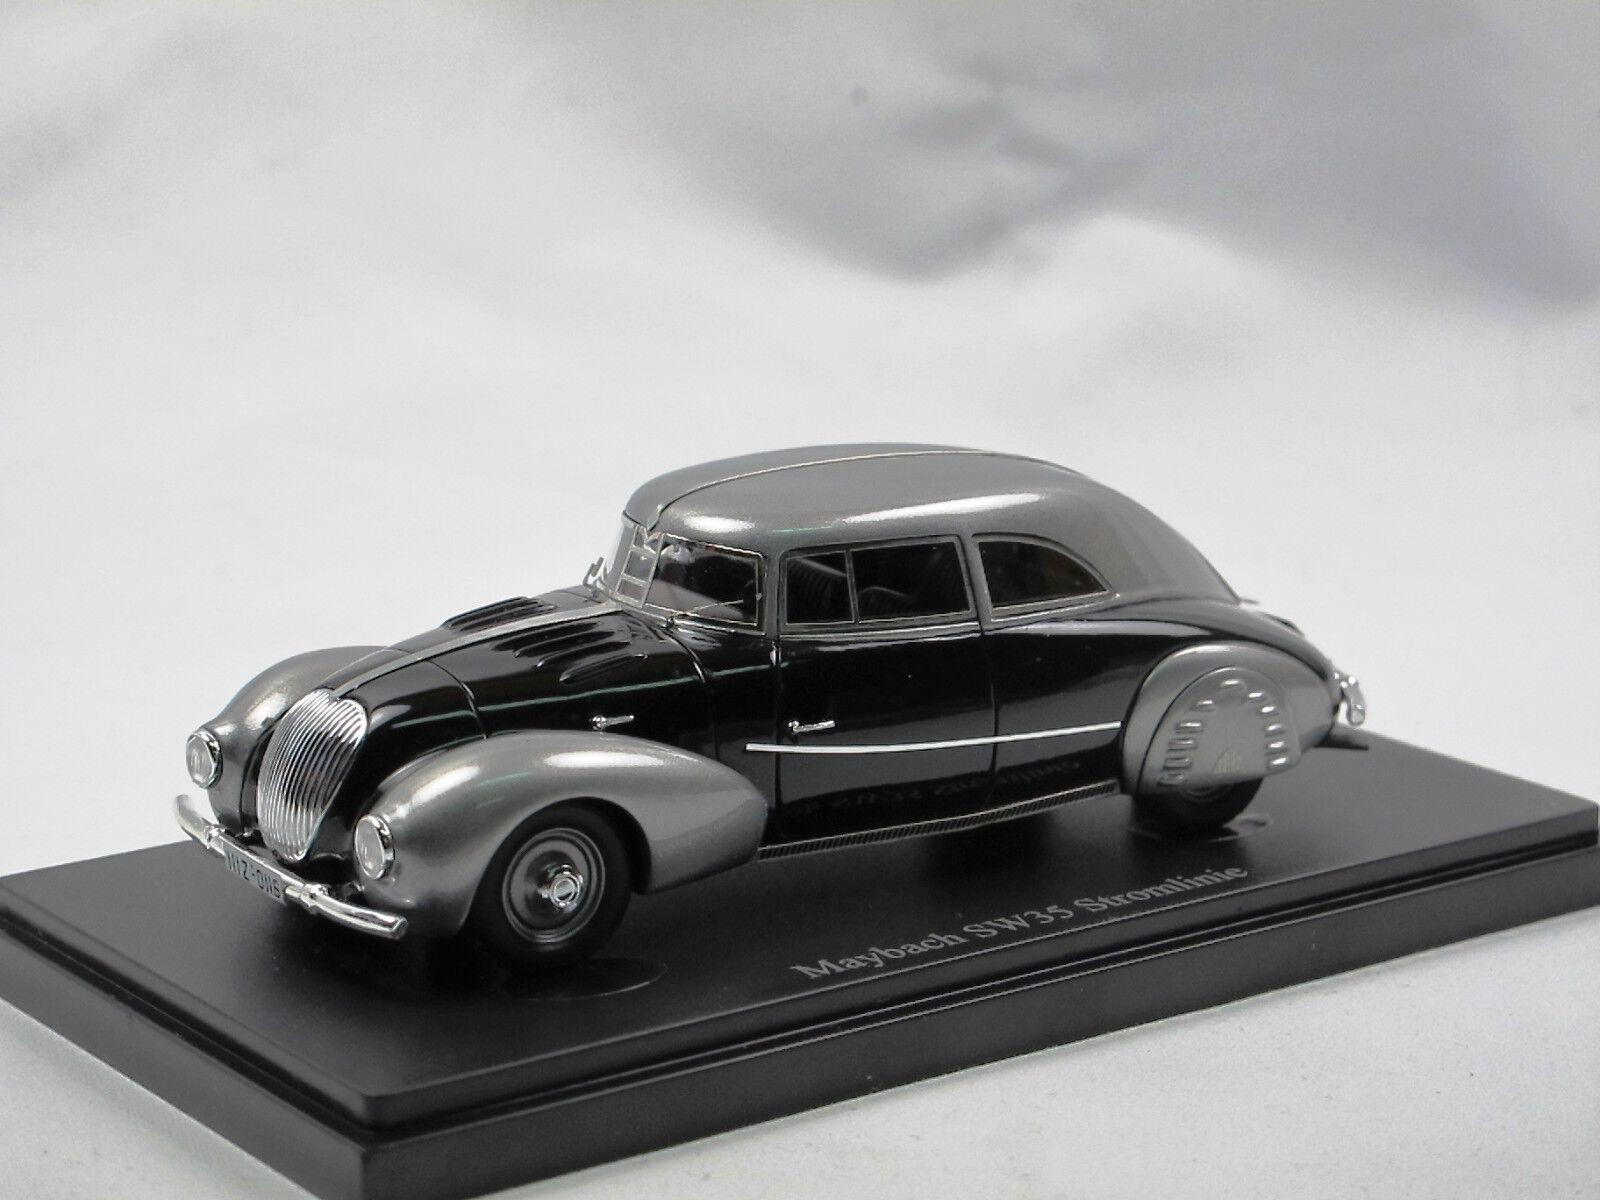 Autocult 04008 - 1935 maybach sw 35 stromlinie karosserie spohn 1   43